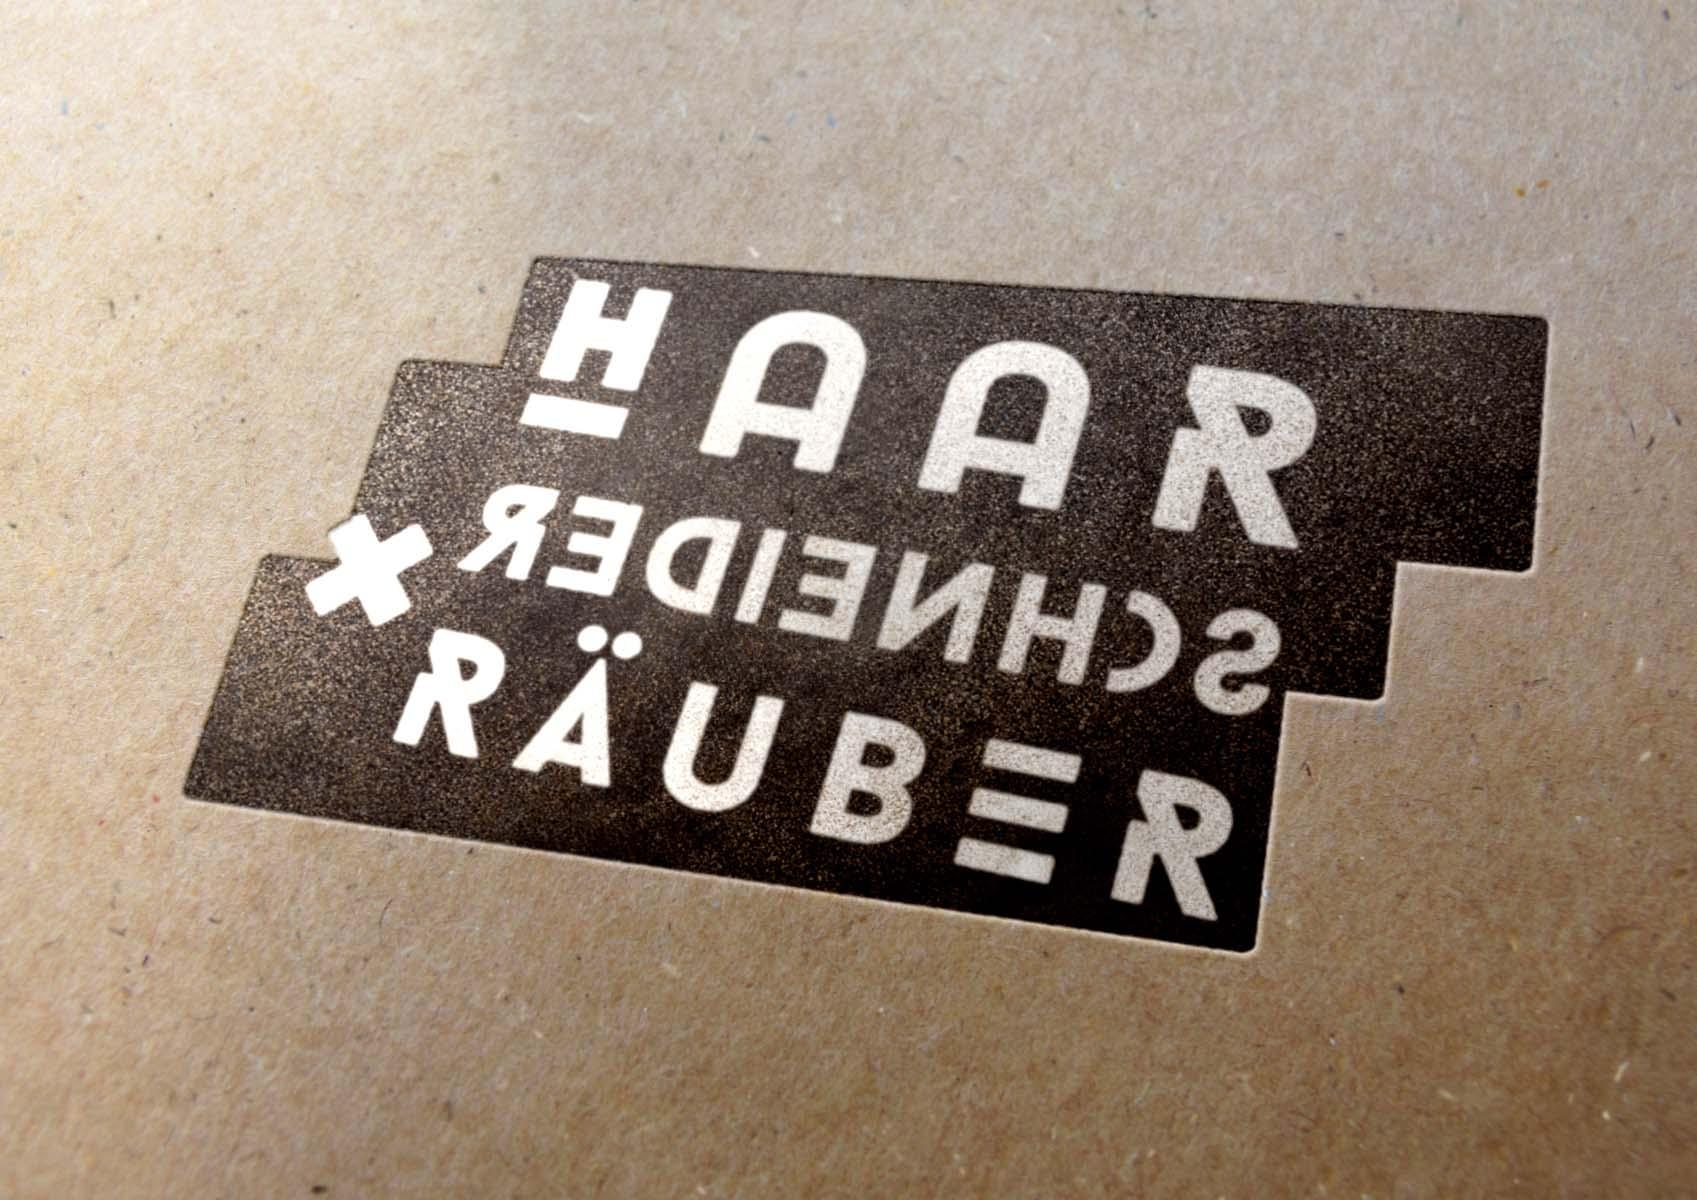 haarschneider_rauber_logo6